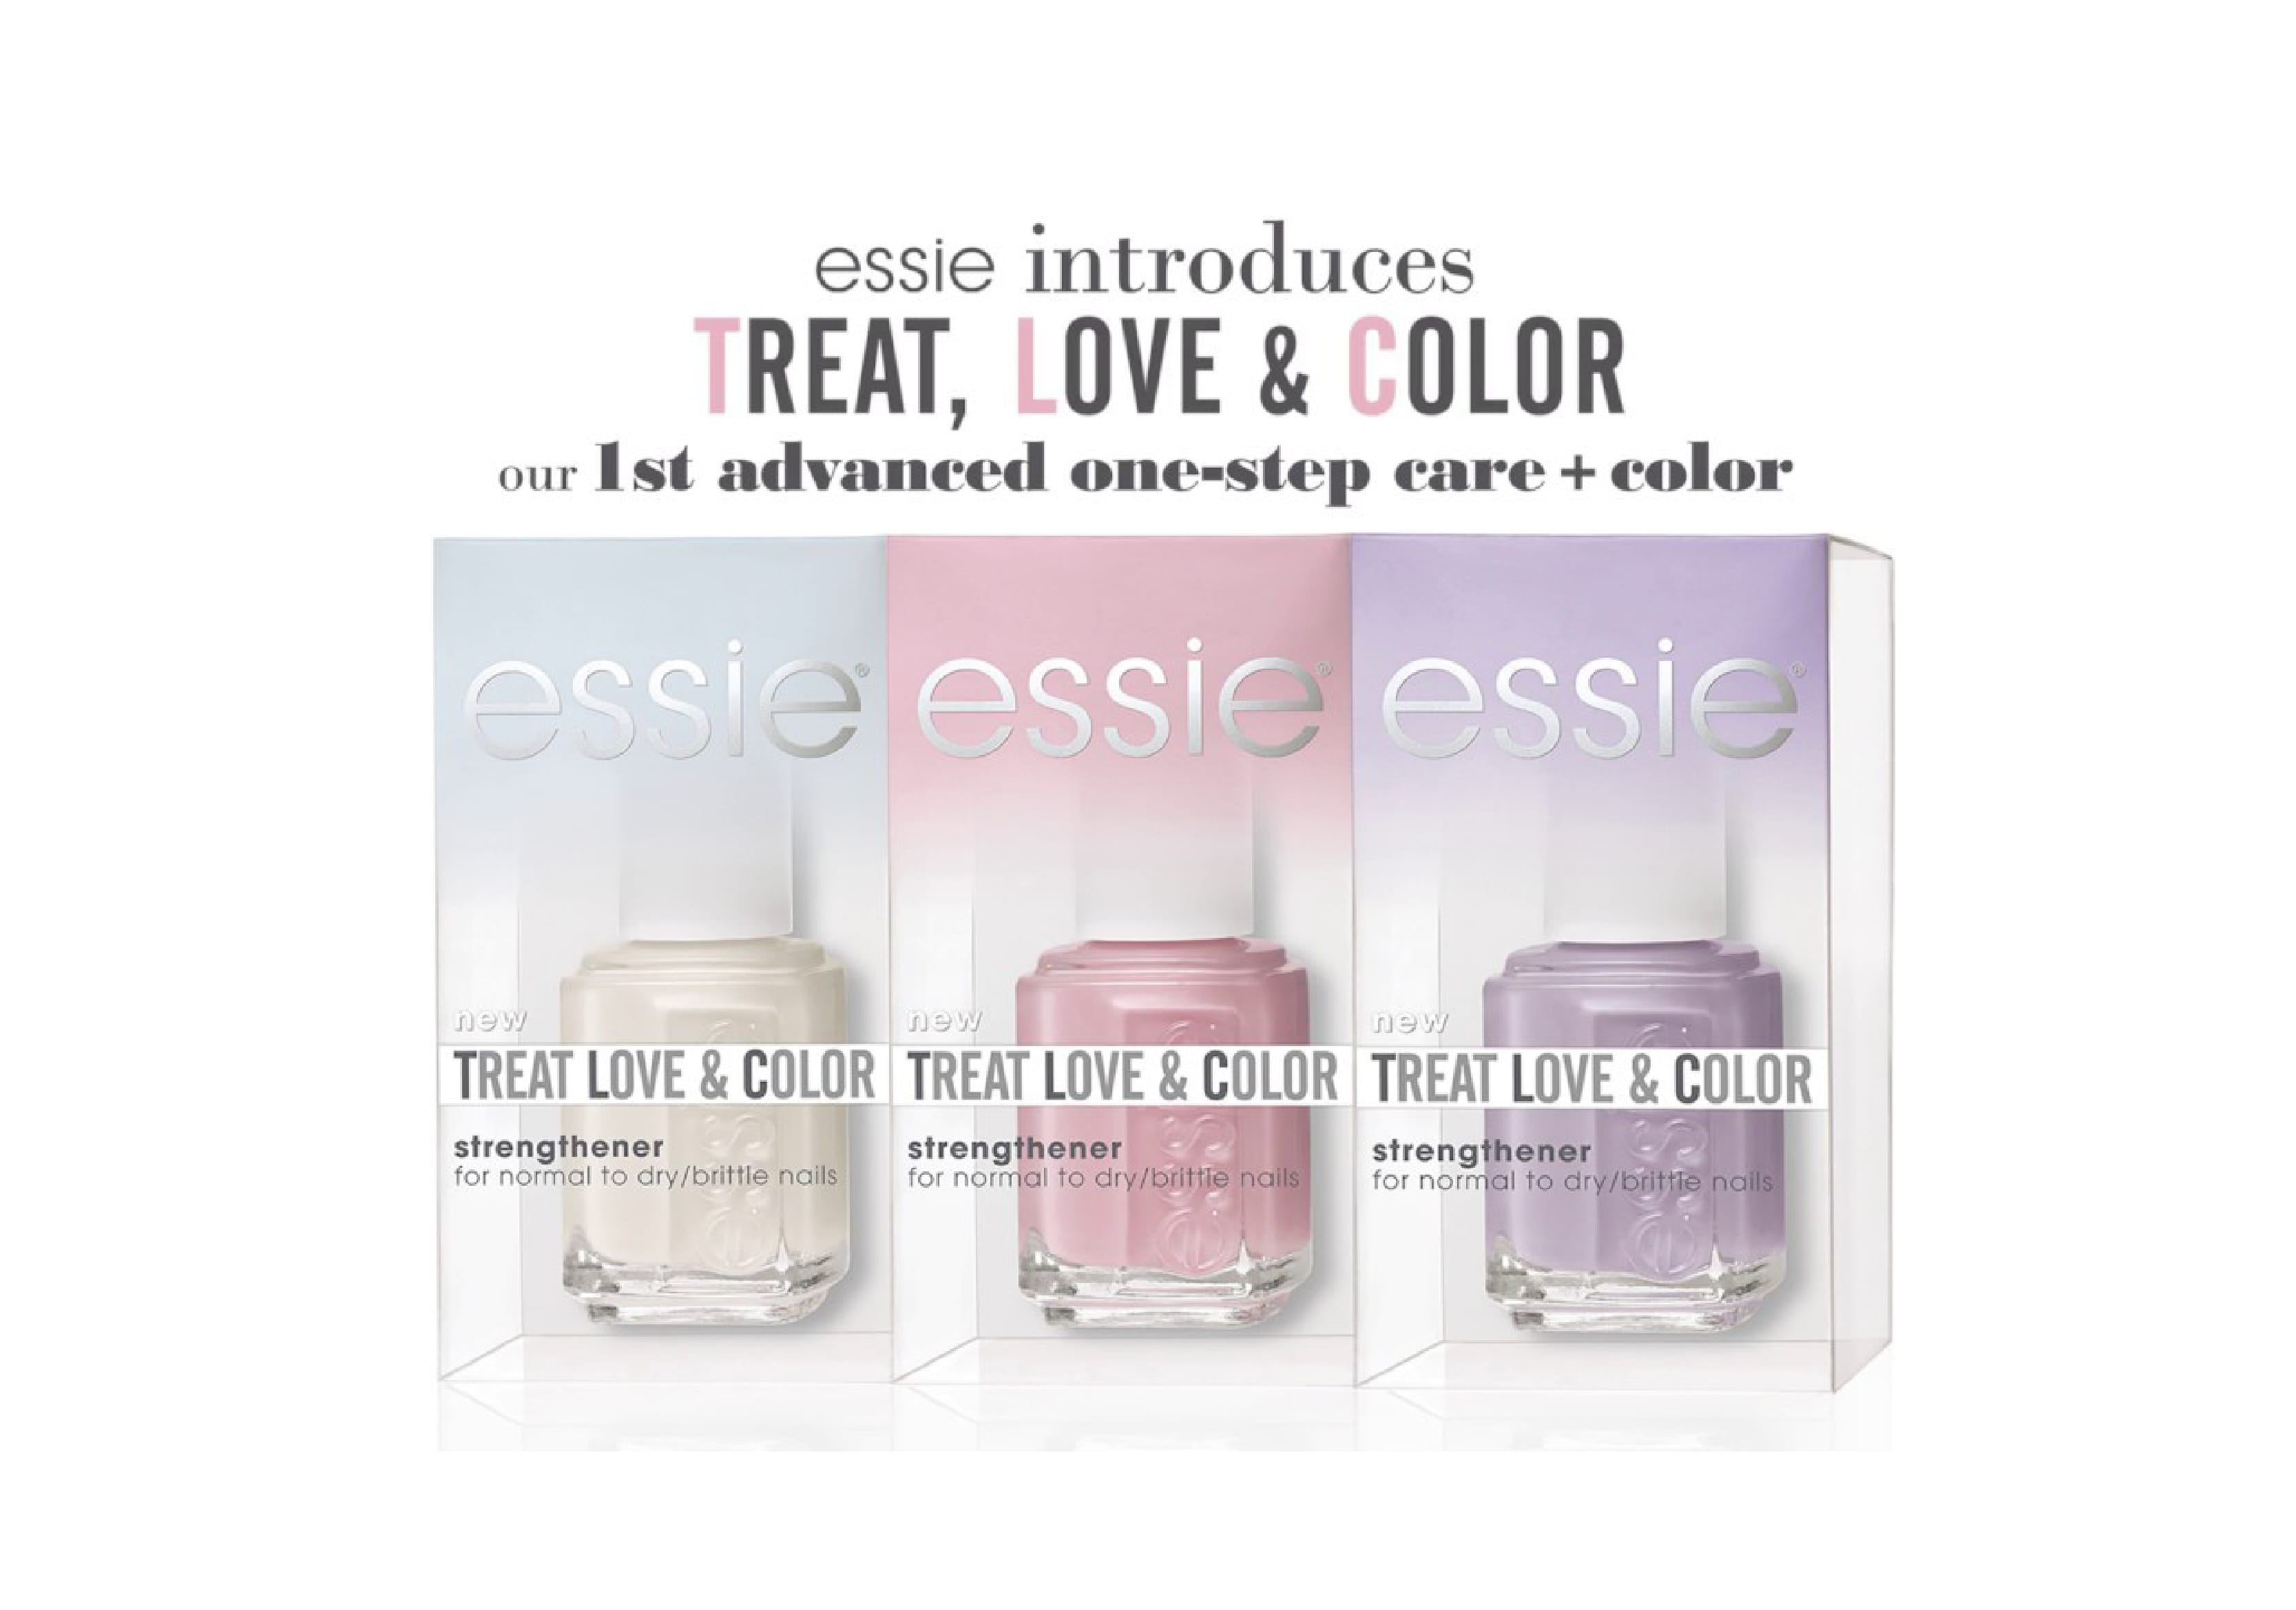 Essie nail polish coupons target